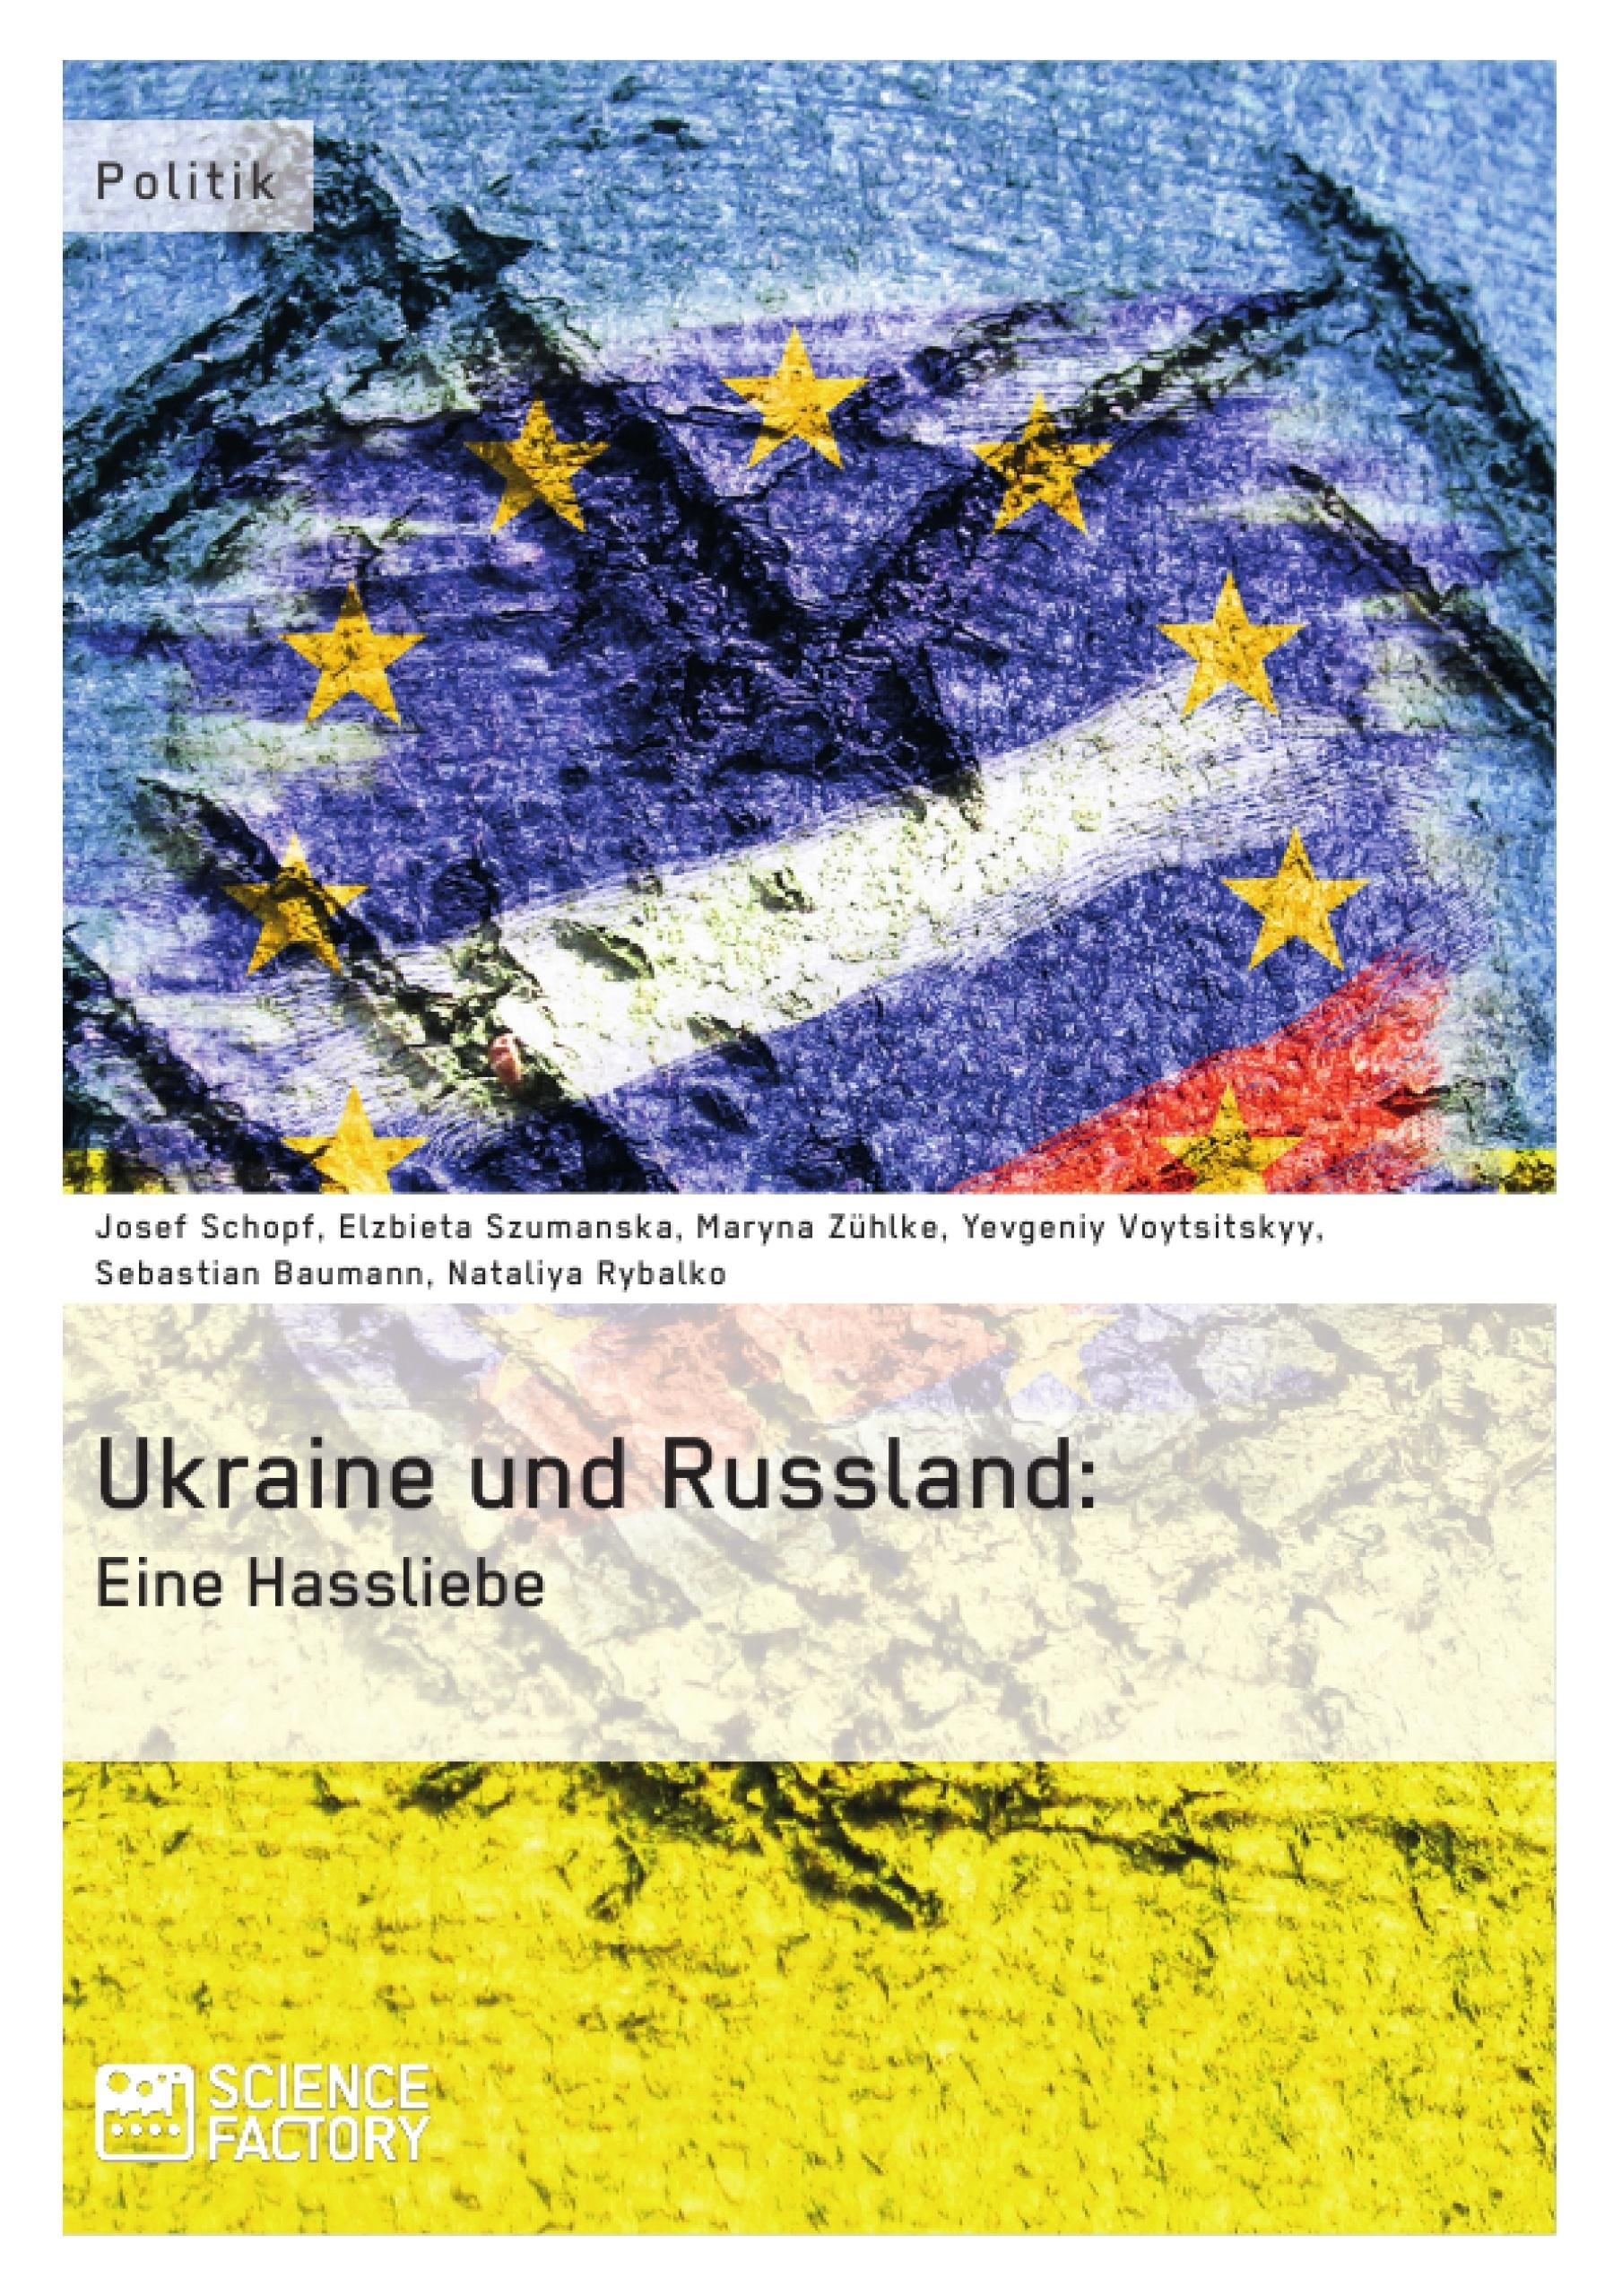 Titel: Die Ukraine und Russland: Eine Hassliebe